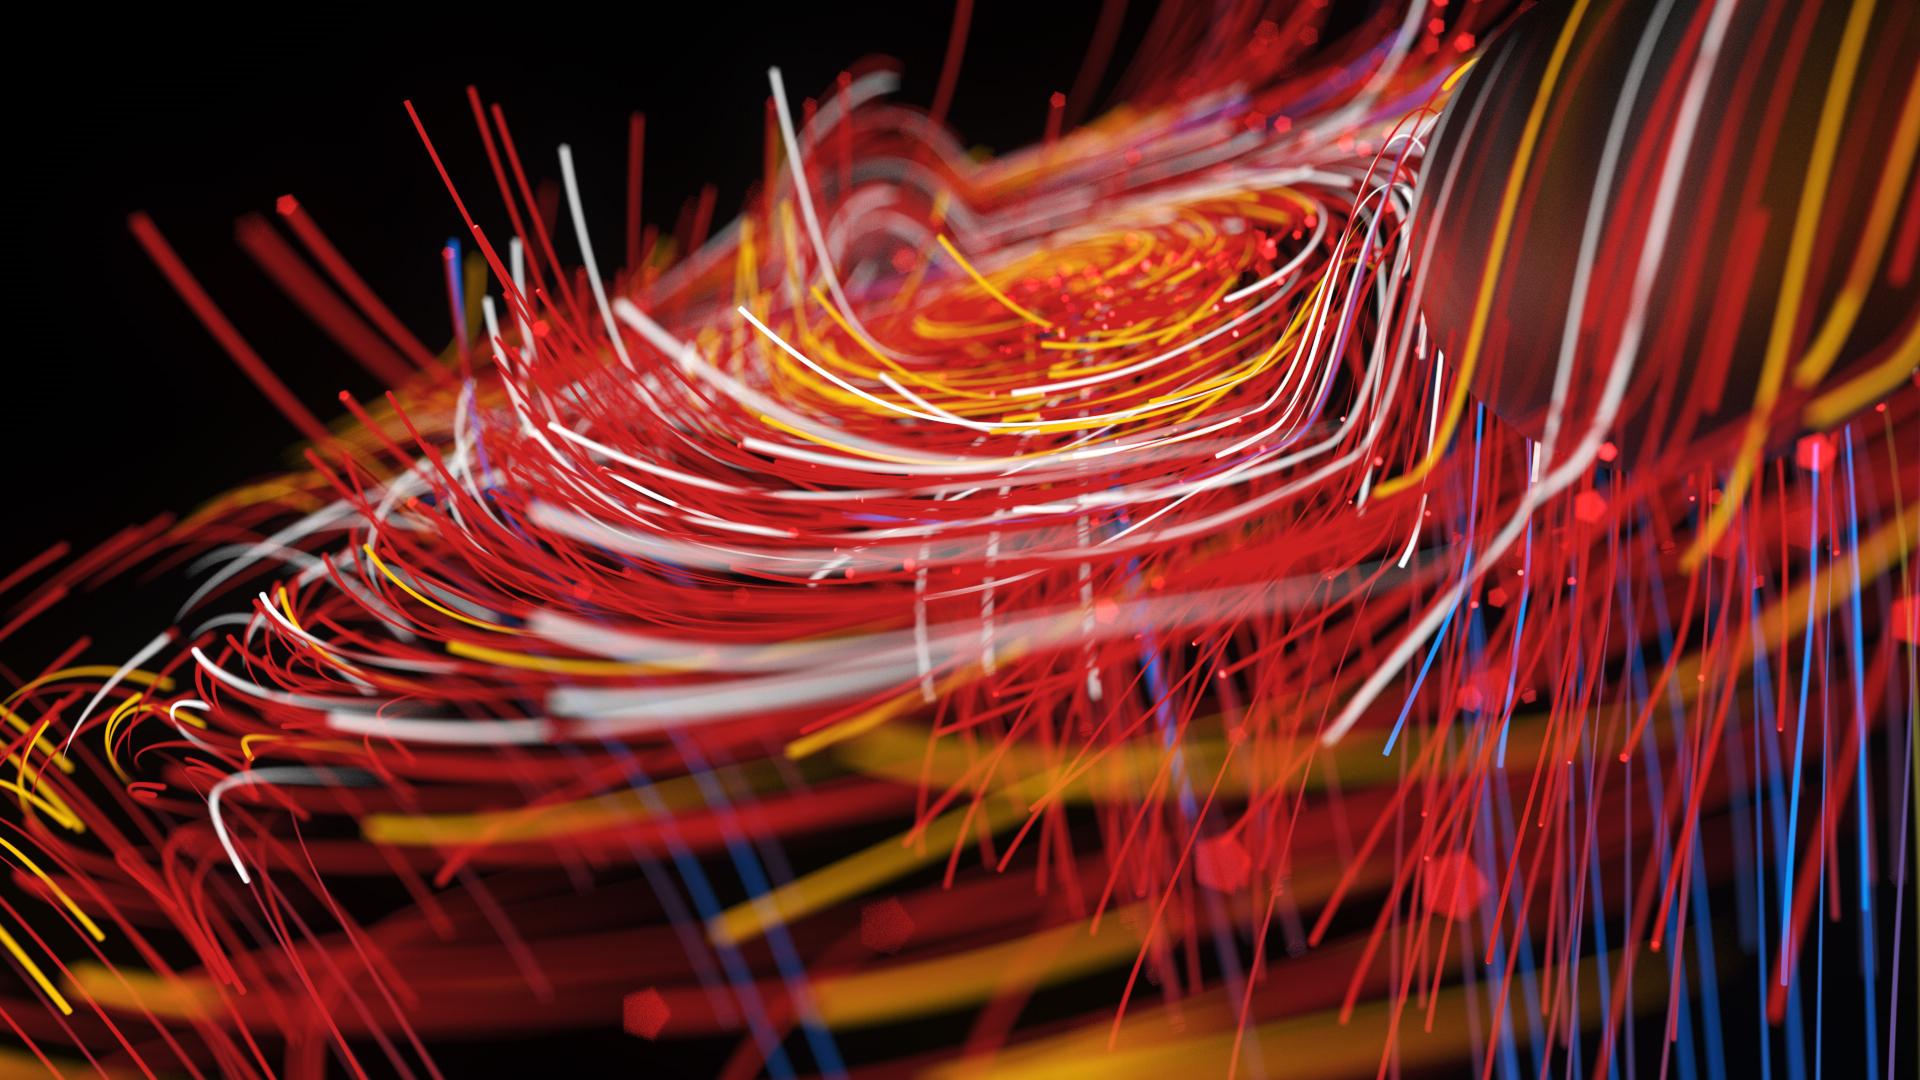 3D Particles Twister